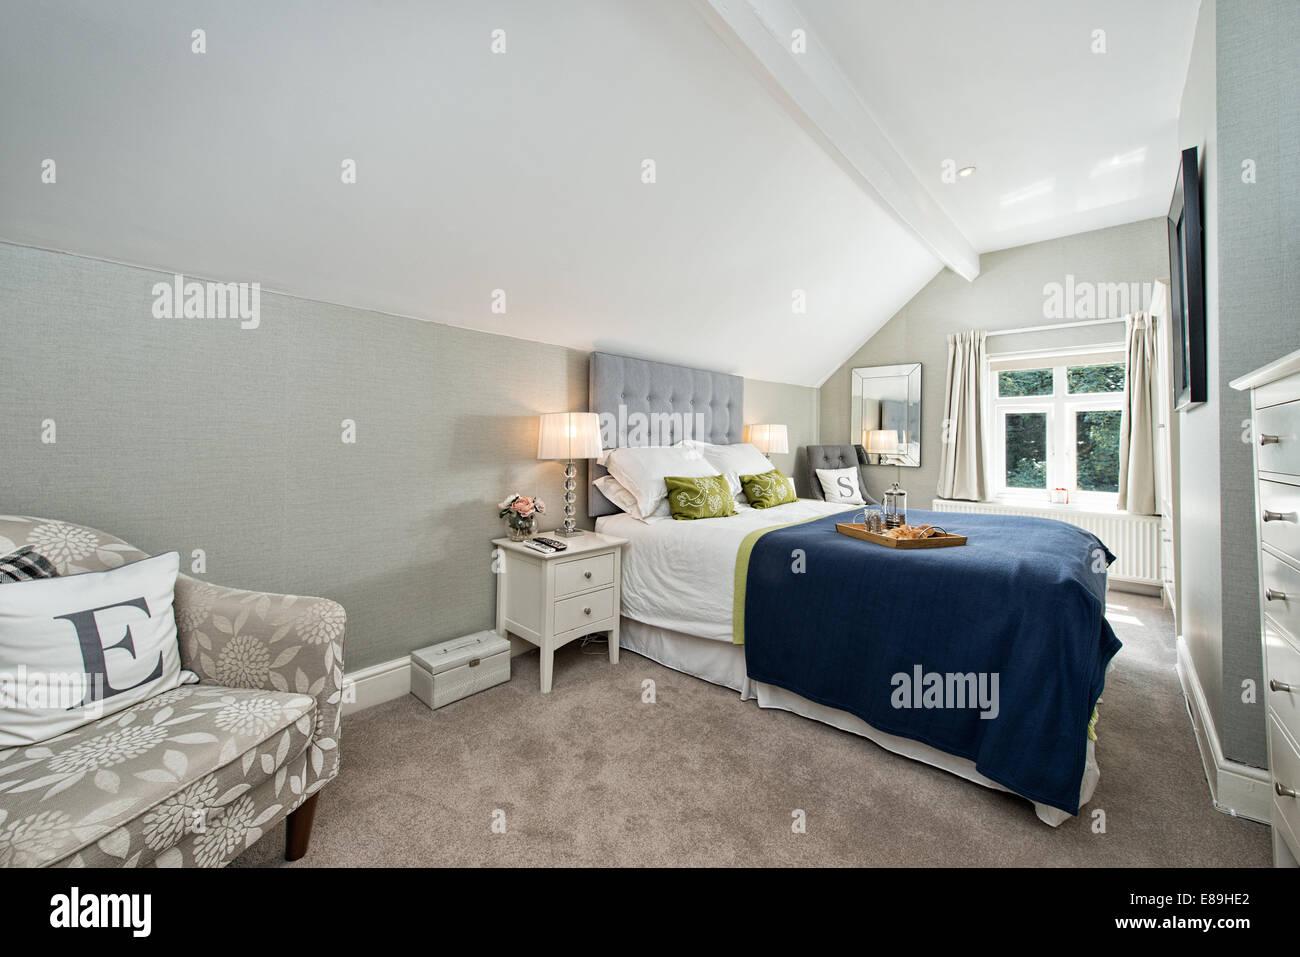 El desayuno en la cama en un cómodo dormitorio doble contemporáneas decoradas en tonos azules y grises Imagen De Stock